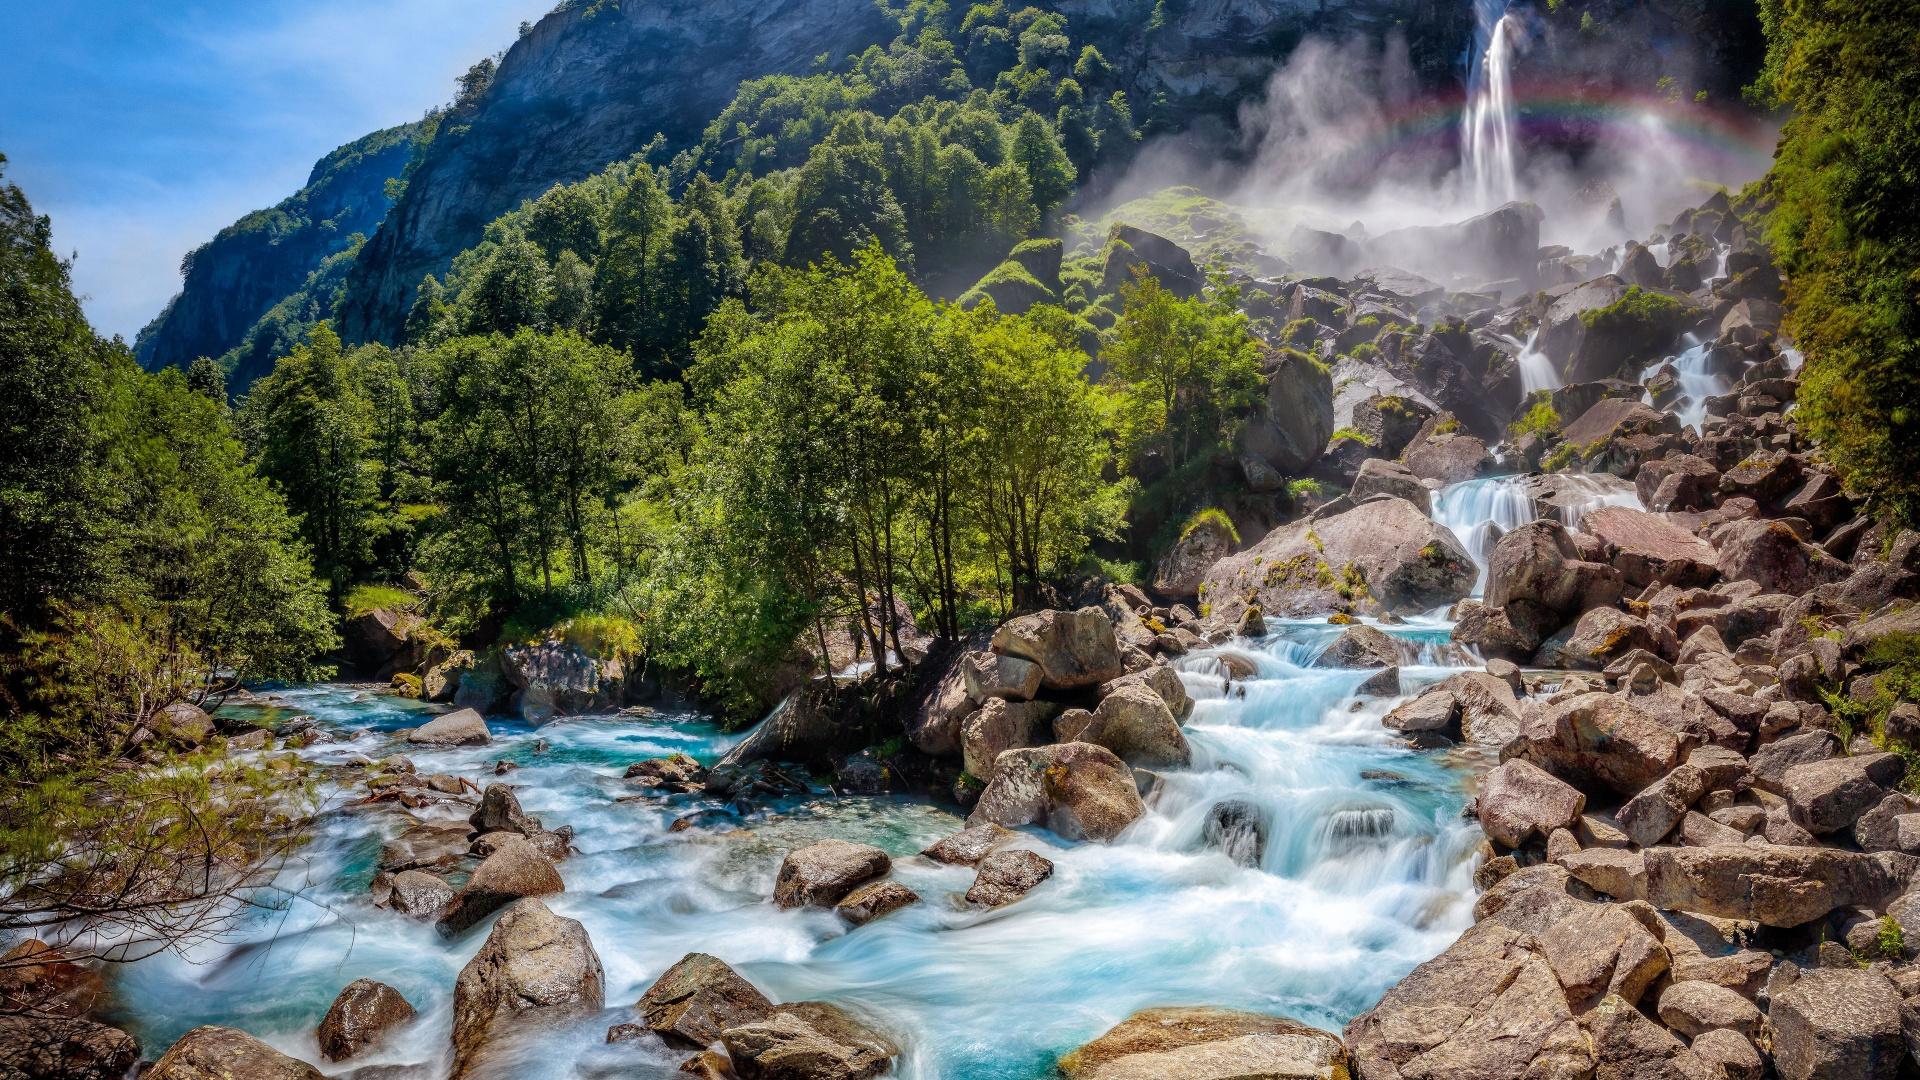 крупные, кроваво-красного картинки красивых гор и водопадов ассоциативные